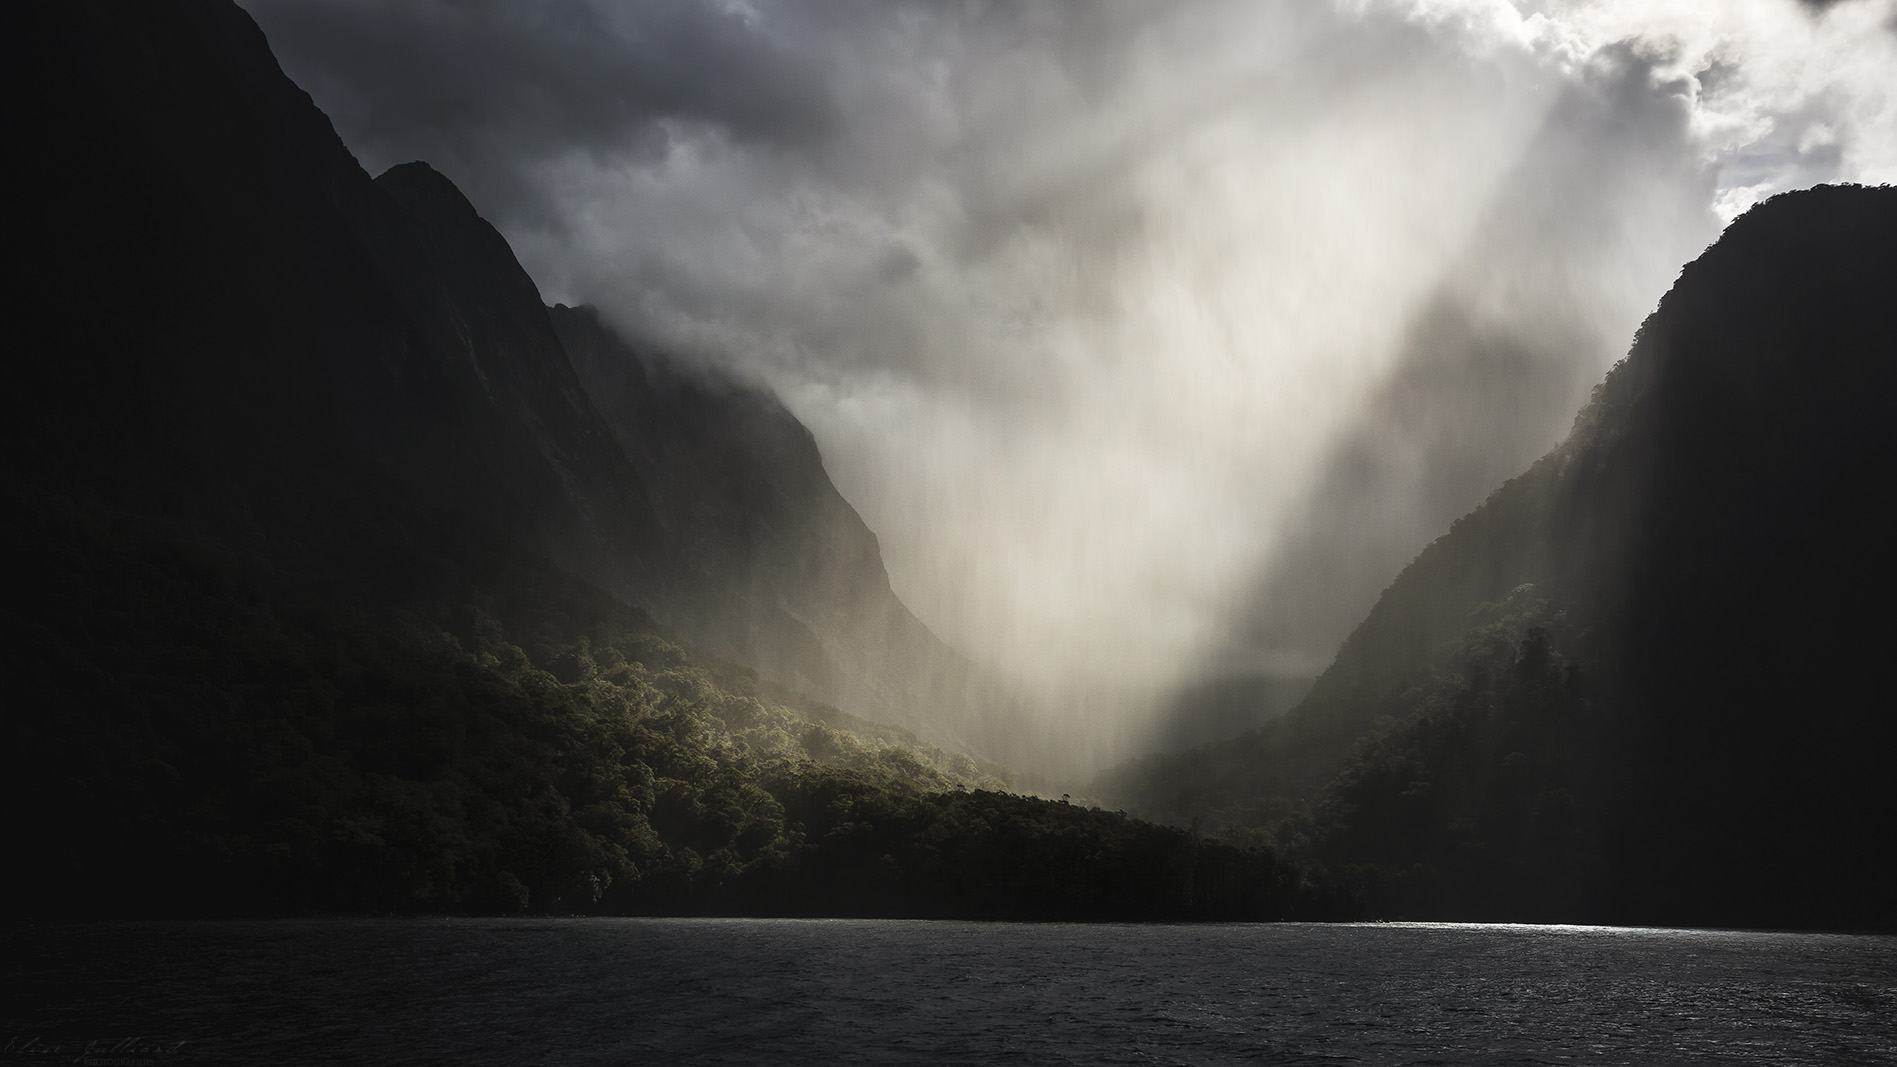 mildford-sound-south-island-southland-nouvelle-zelande-new-zealand-elise-julliard-photographe-photographer-travel-voyage-ile-sud-cruise-fjord-firodland-national-park-Aotearoa